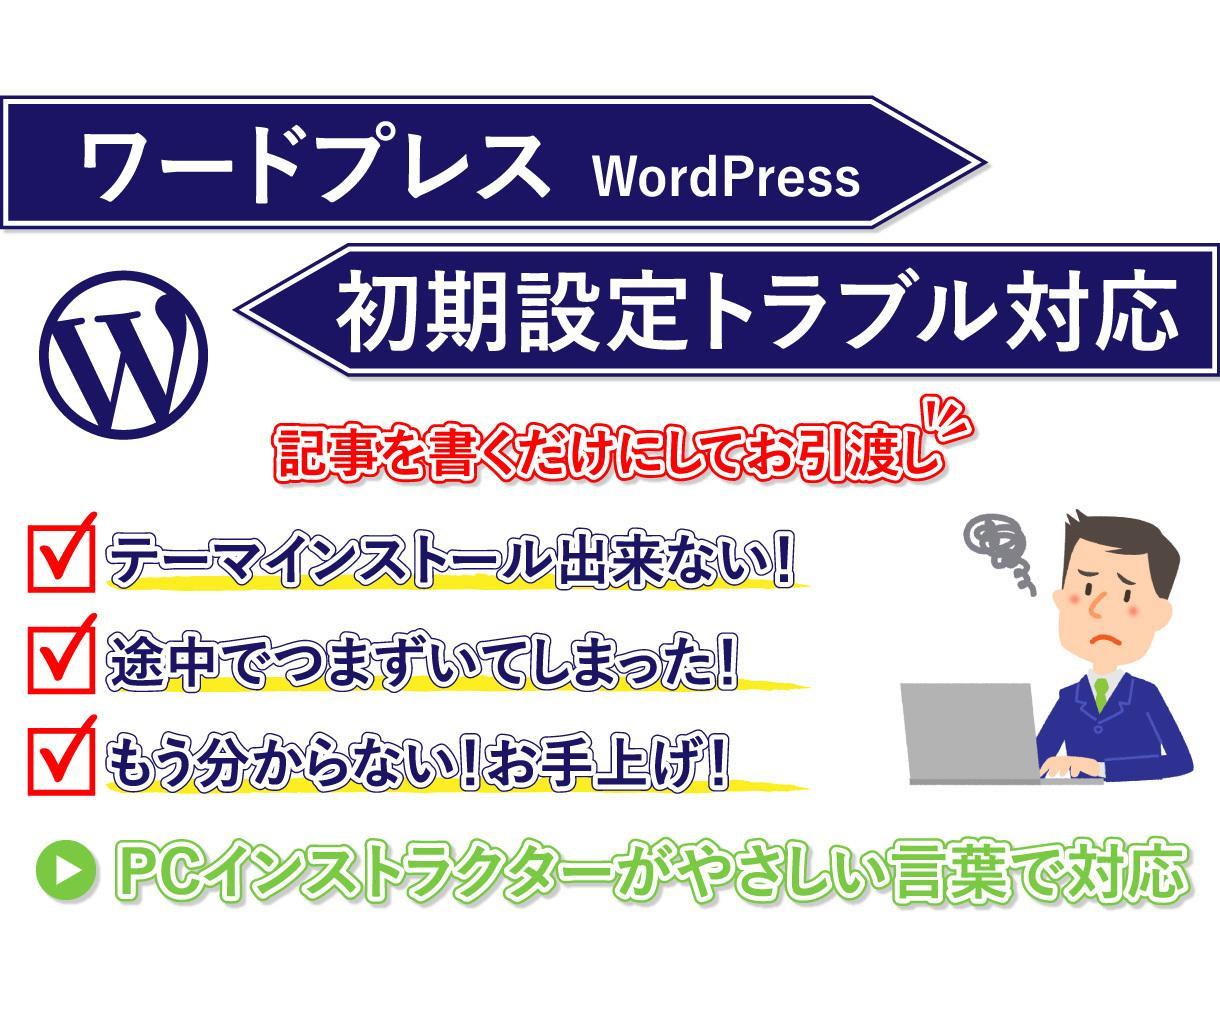 ワードプレス初期設定のトラブル対応承ります PDF文書でアドバイス付き!ワードプレス記事を今すぐ投稿!